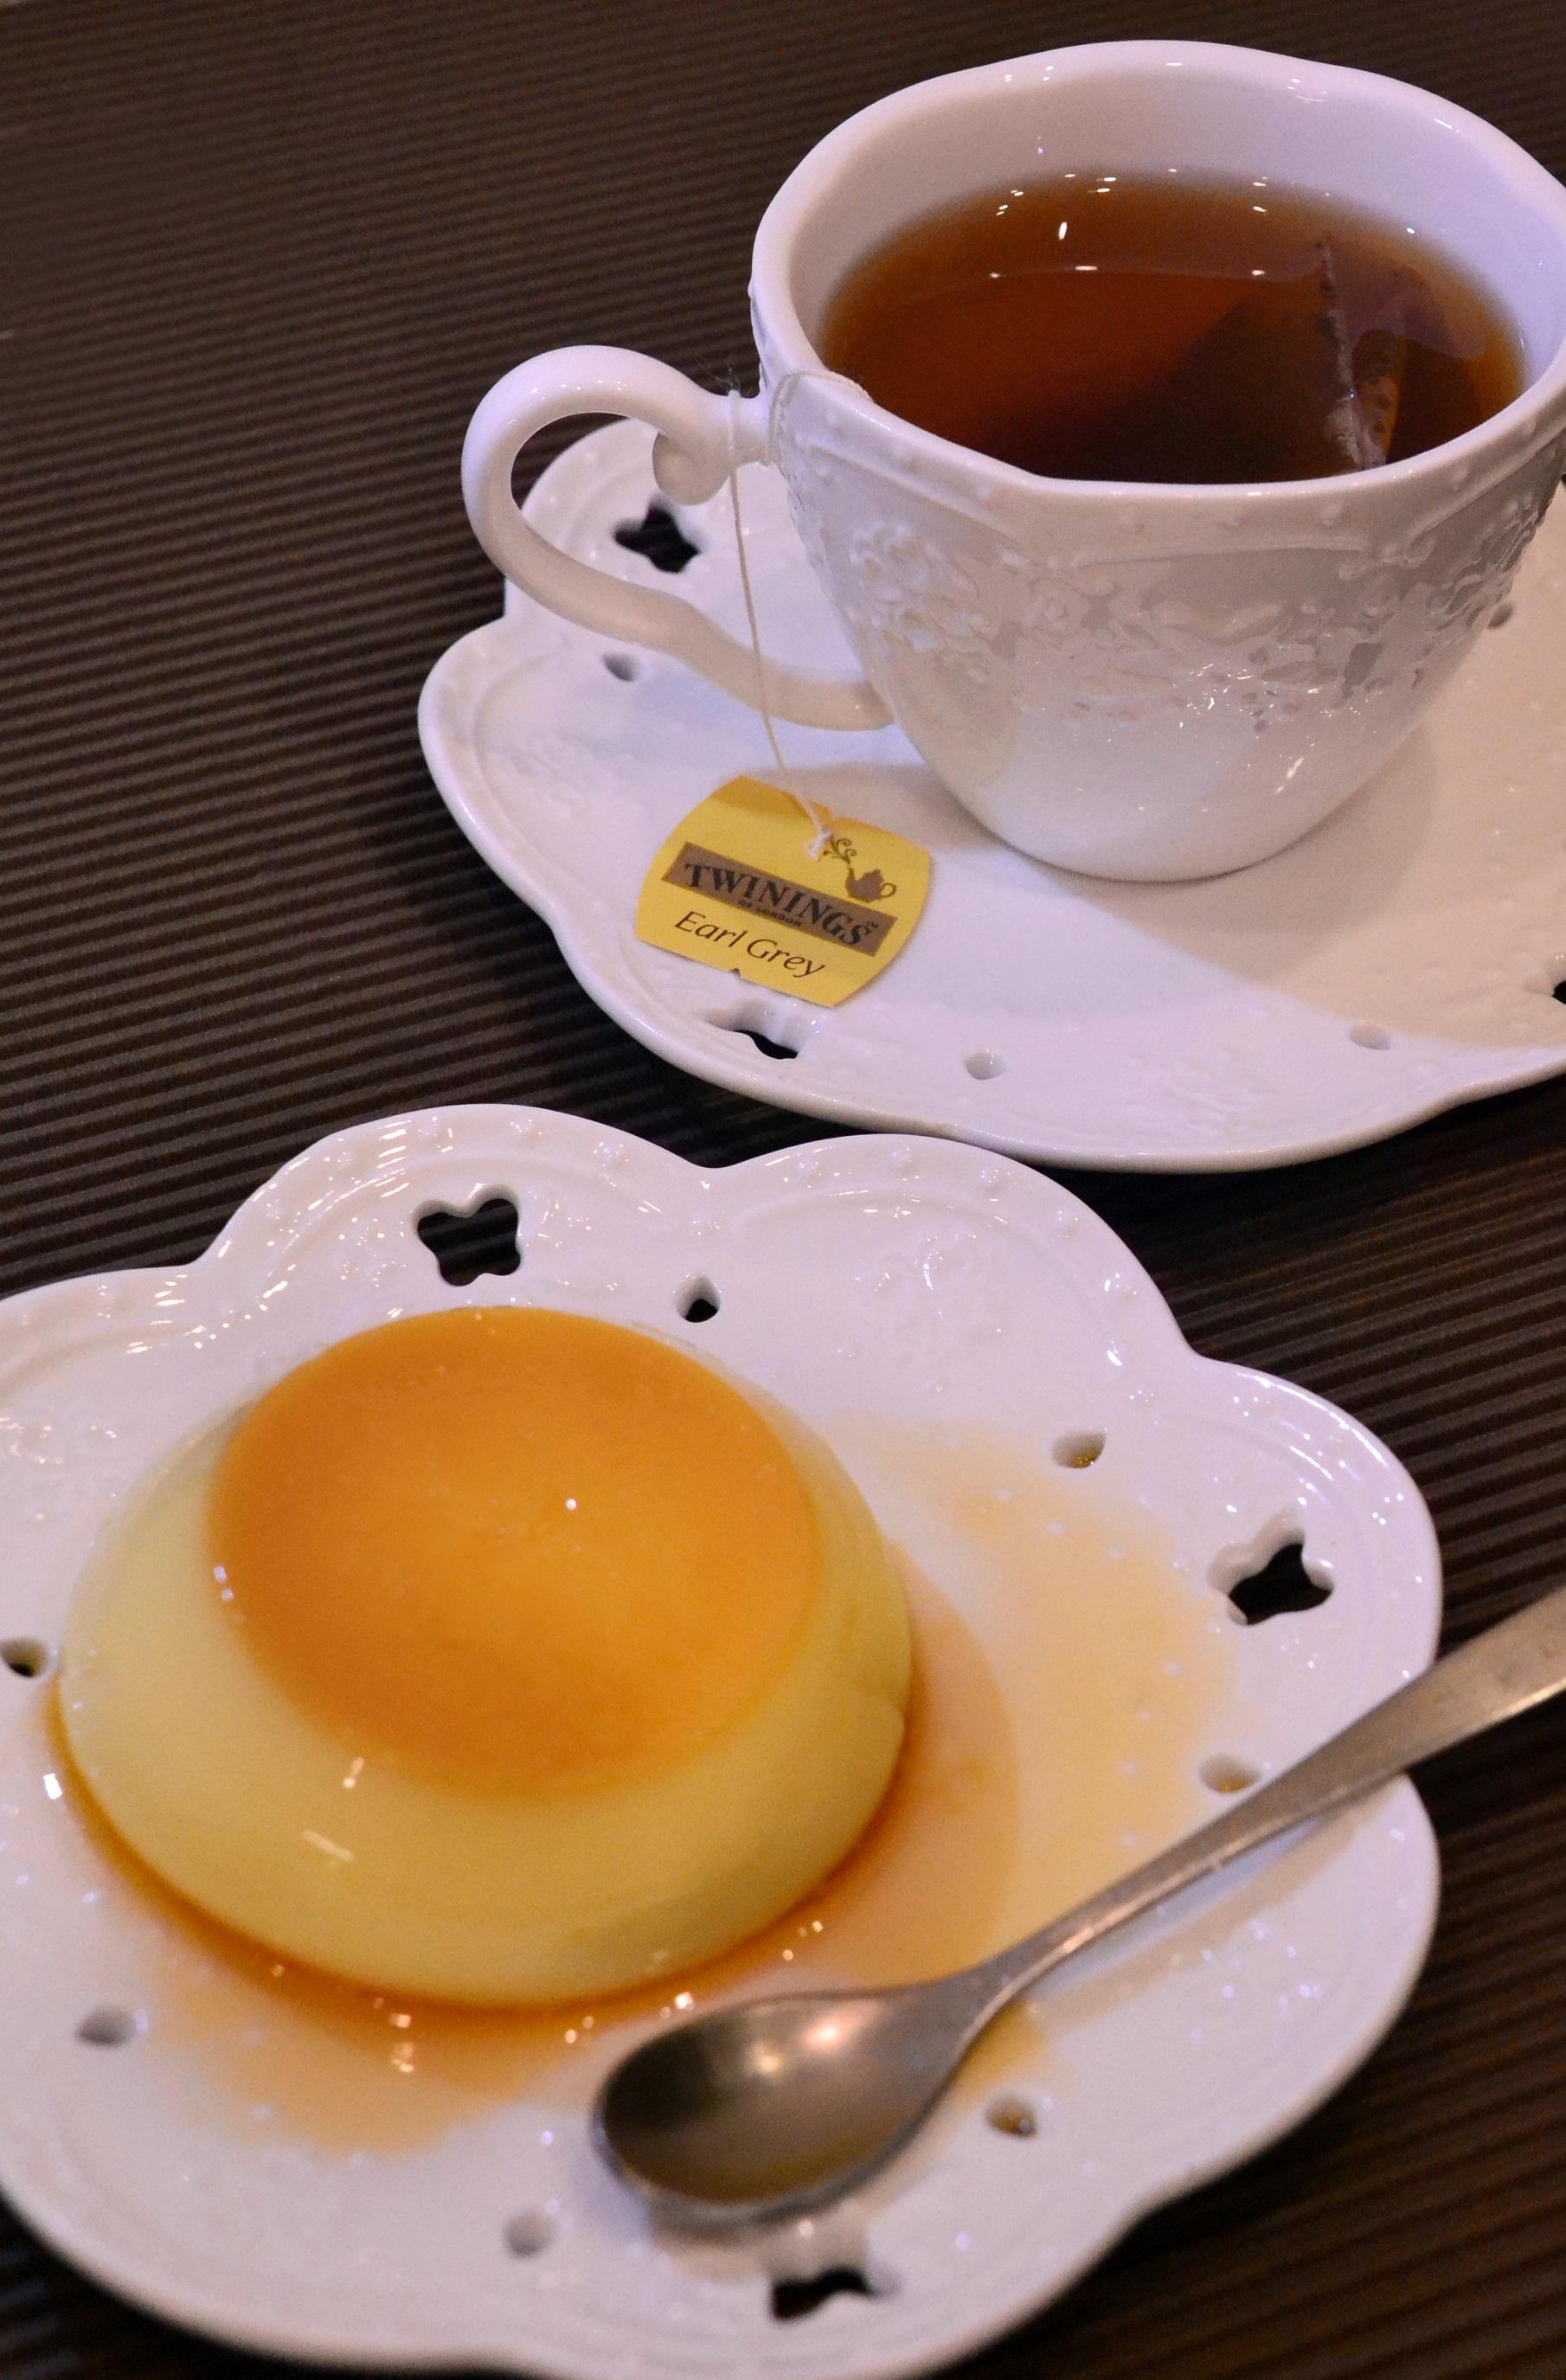 歐麥烘焙-焦糖雞蛋牛奶烤布丁-100g